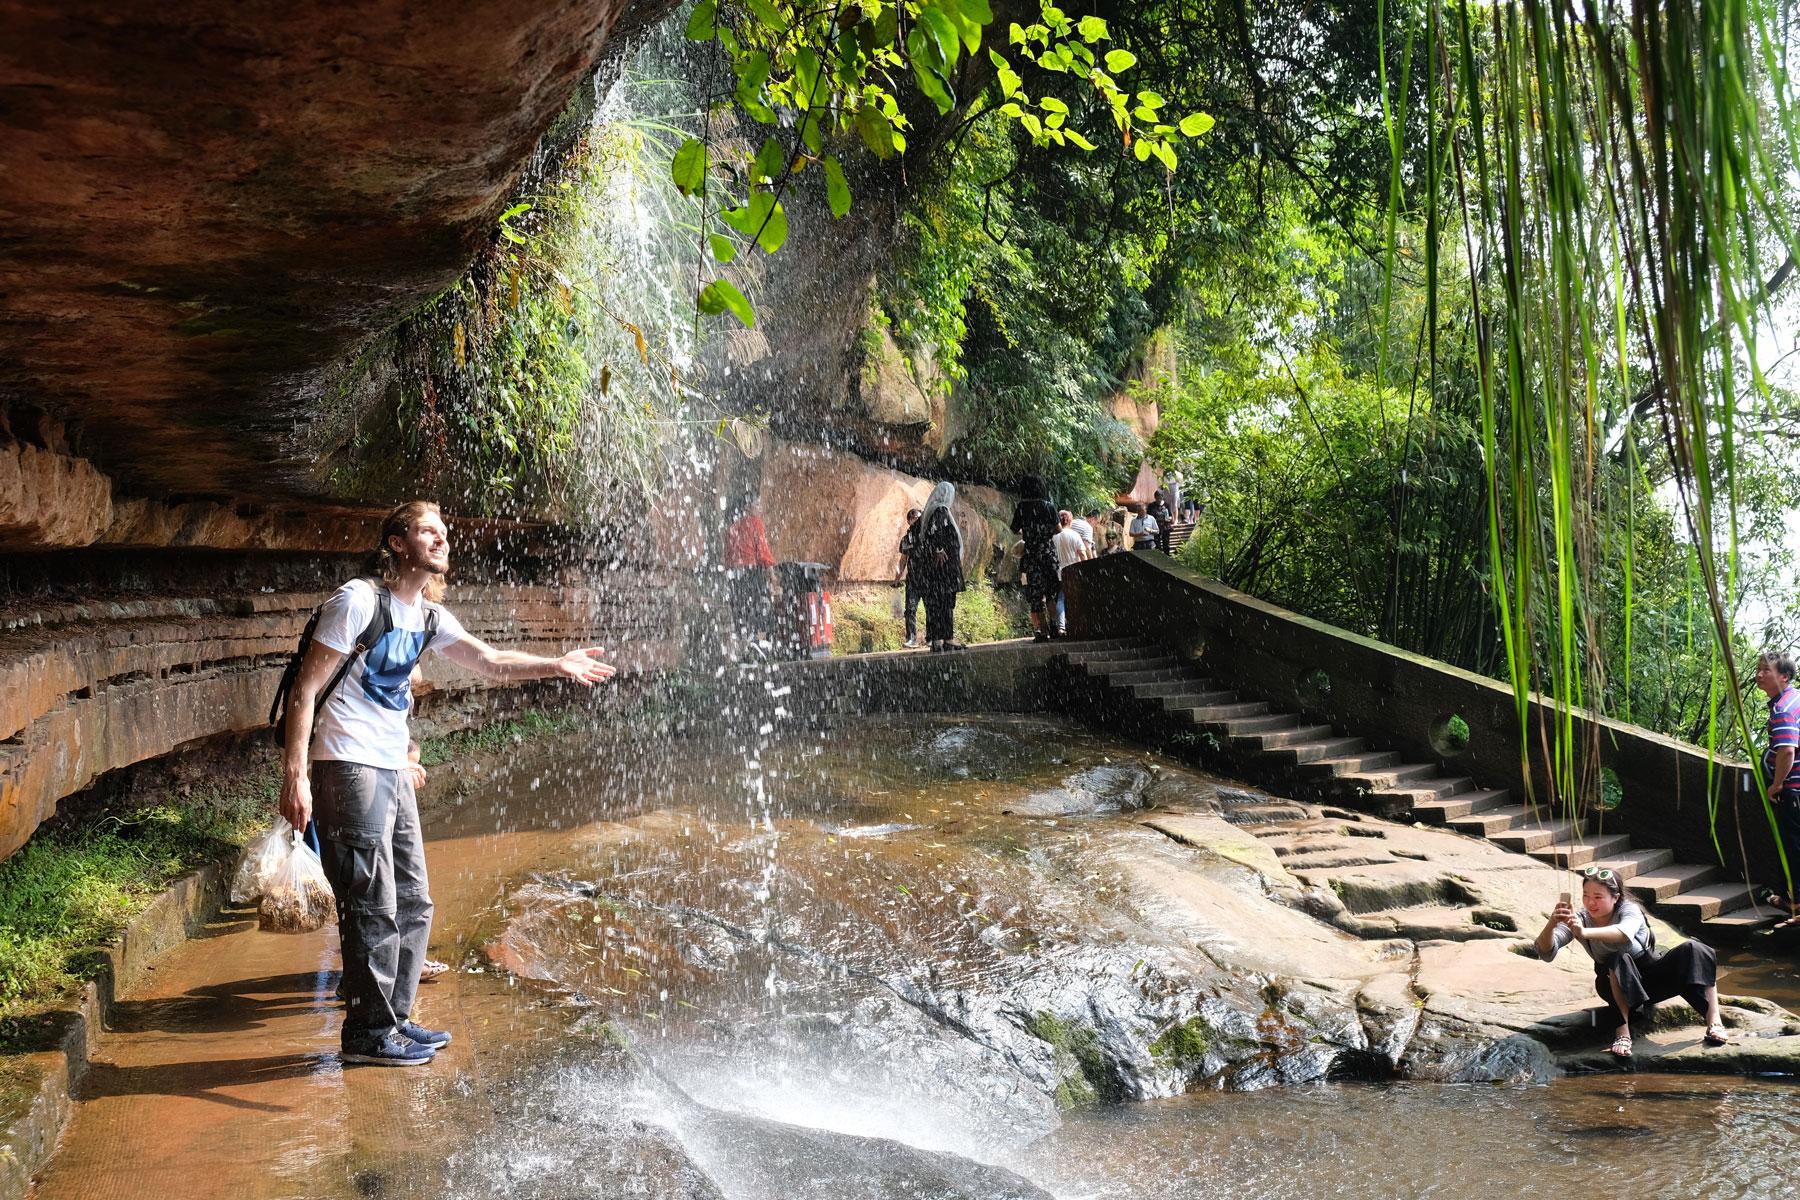 Sebastian hält seine Hand in einen kleinen Wasserfall im Shunan Zhuhai Nationalpark.